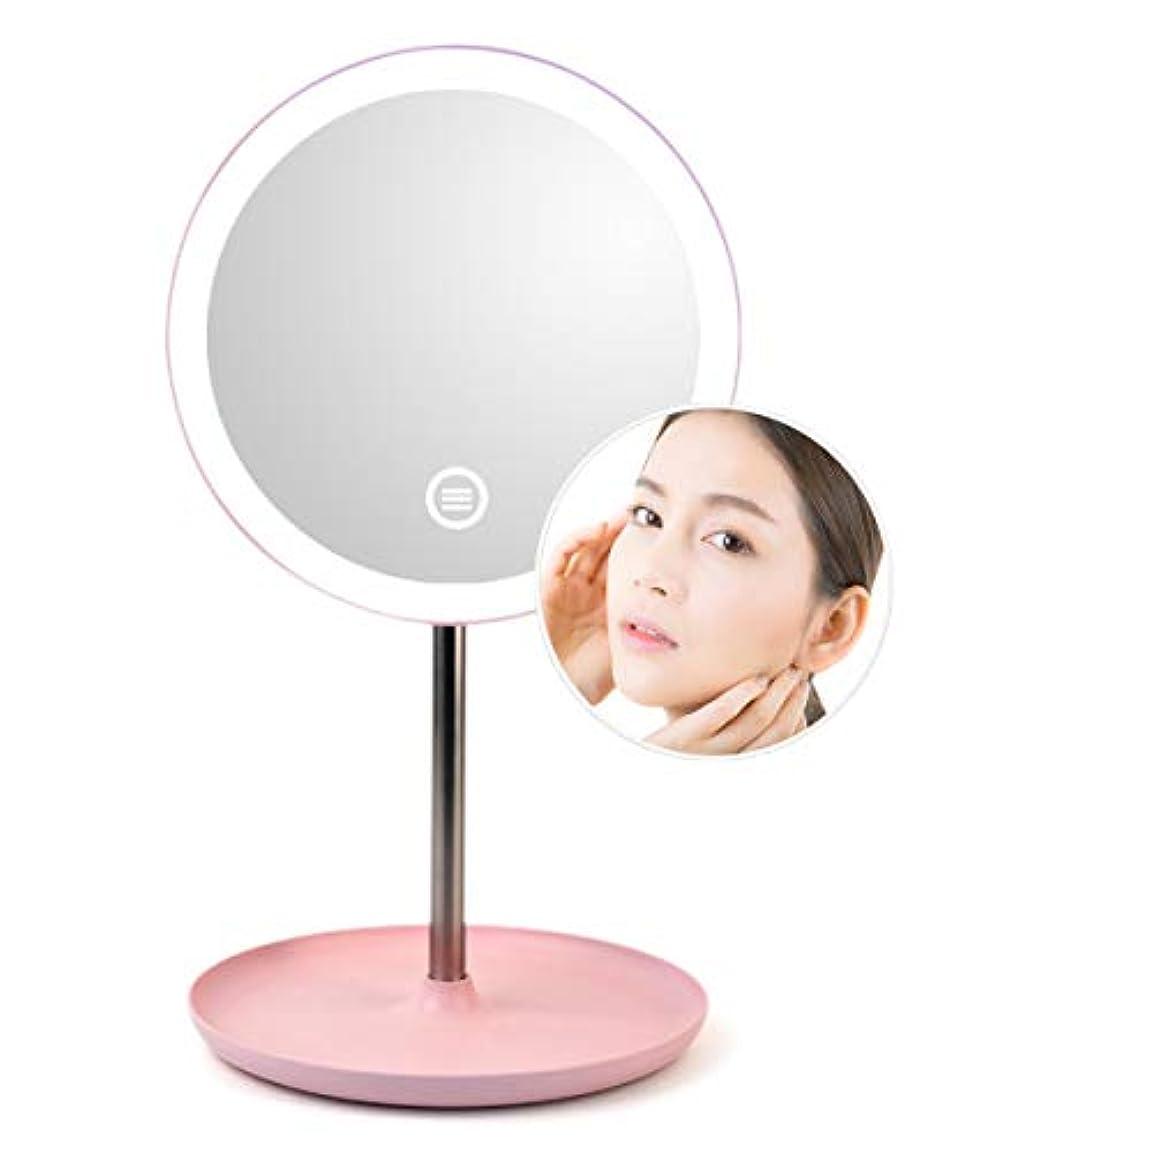 無駄なかもめシュガー化粧鏡 卓上 LED付き usb充電式化粧ミラー 360度回転 タッチセンサー 明るさ調節可能 無段階調光 10倍 拡大鏡